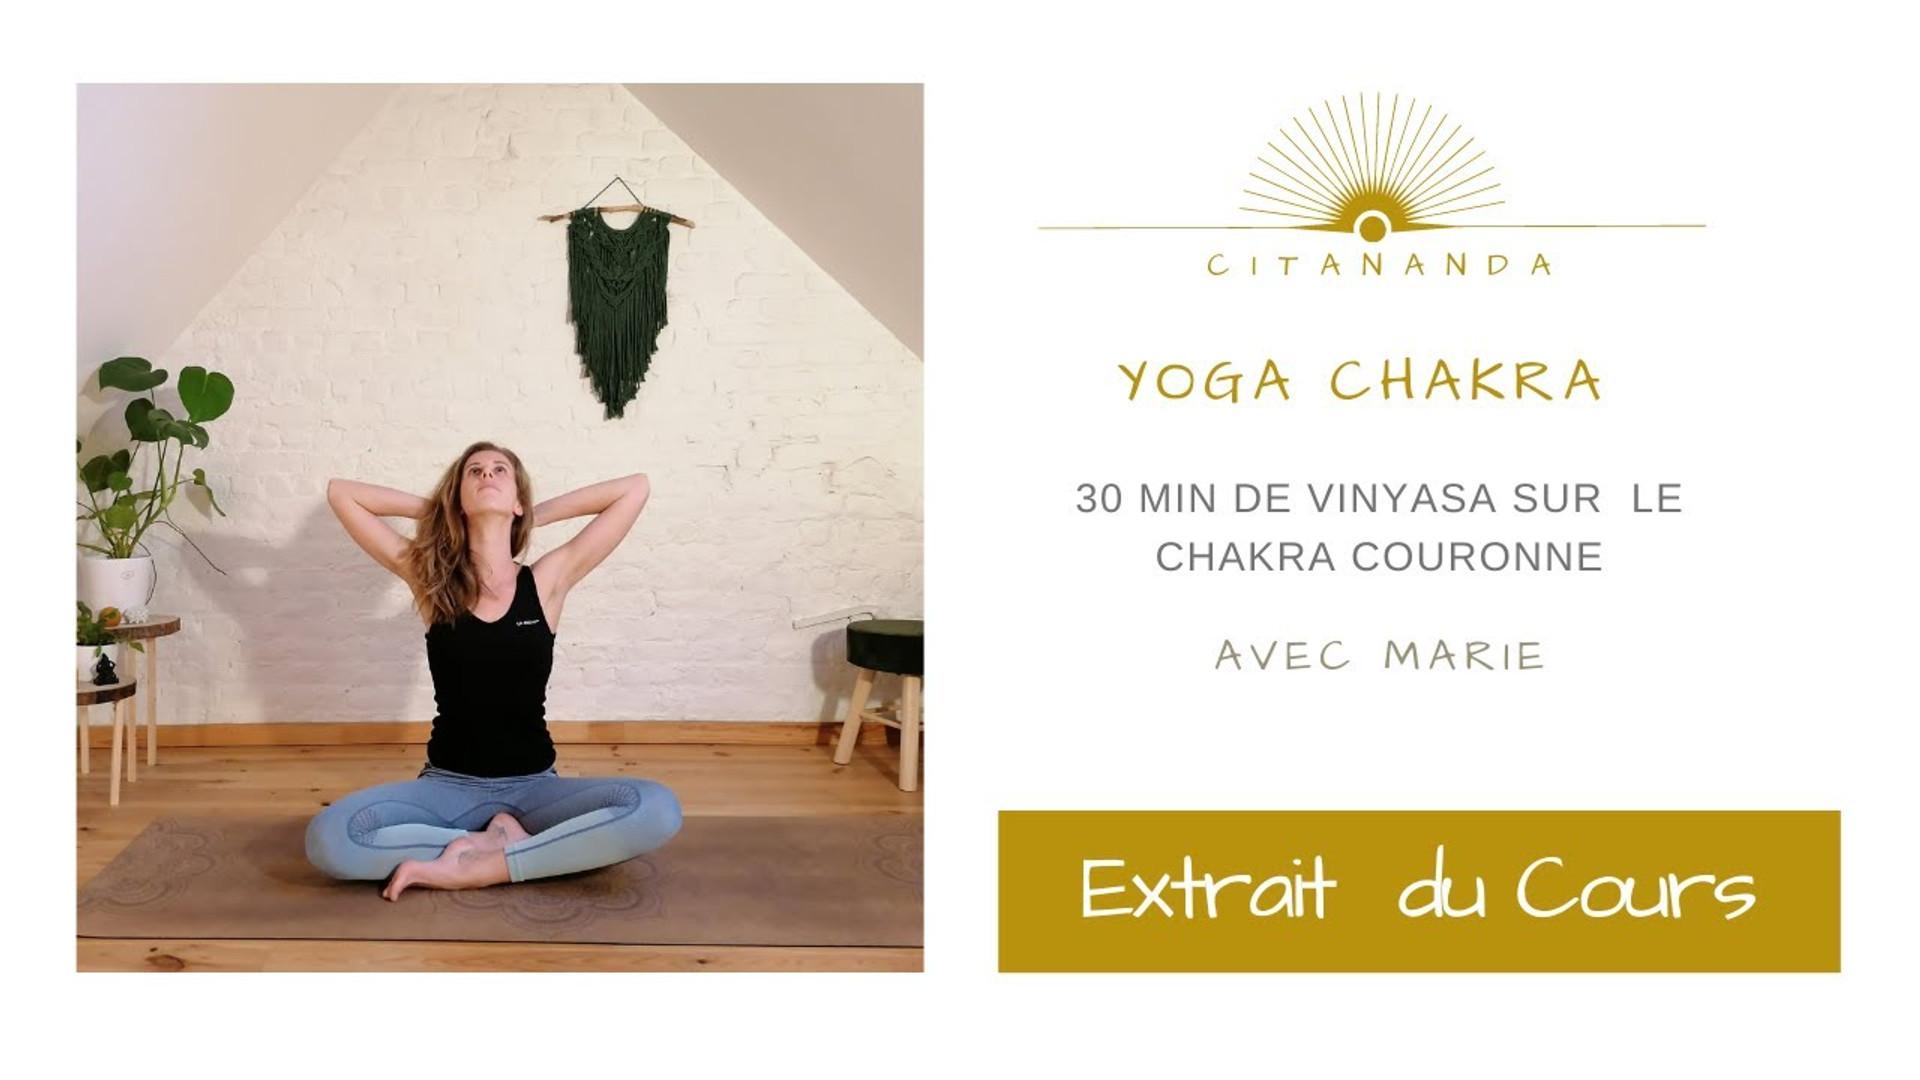 Extrait Yoga pour le Chakra Couronne